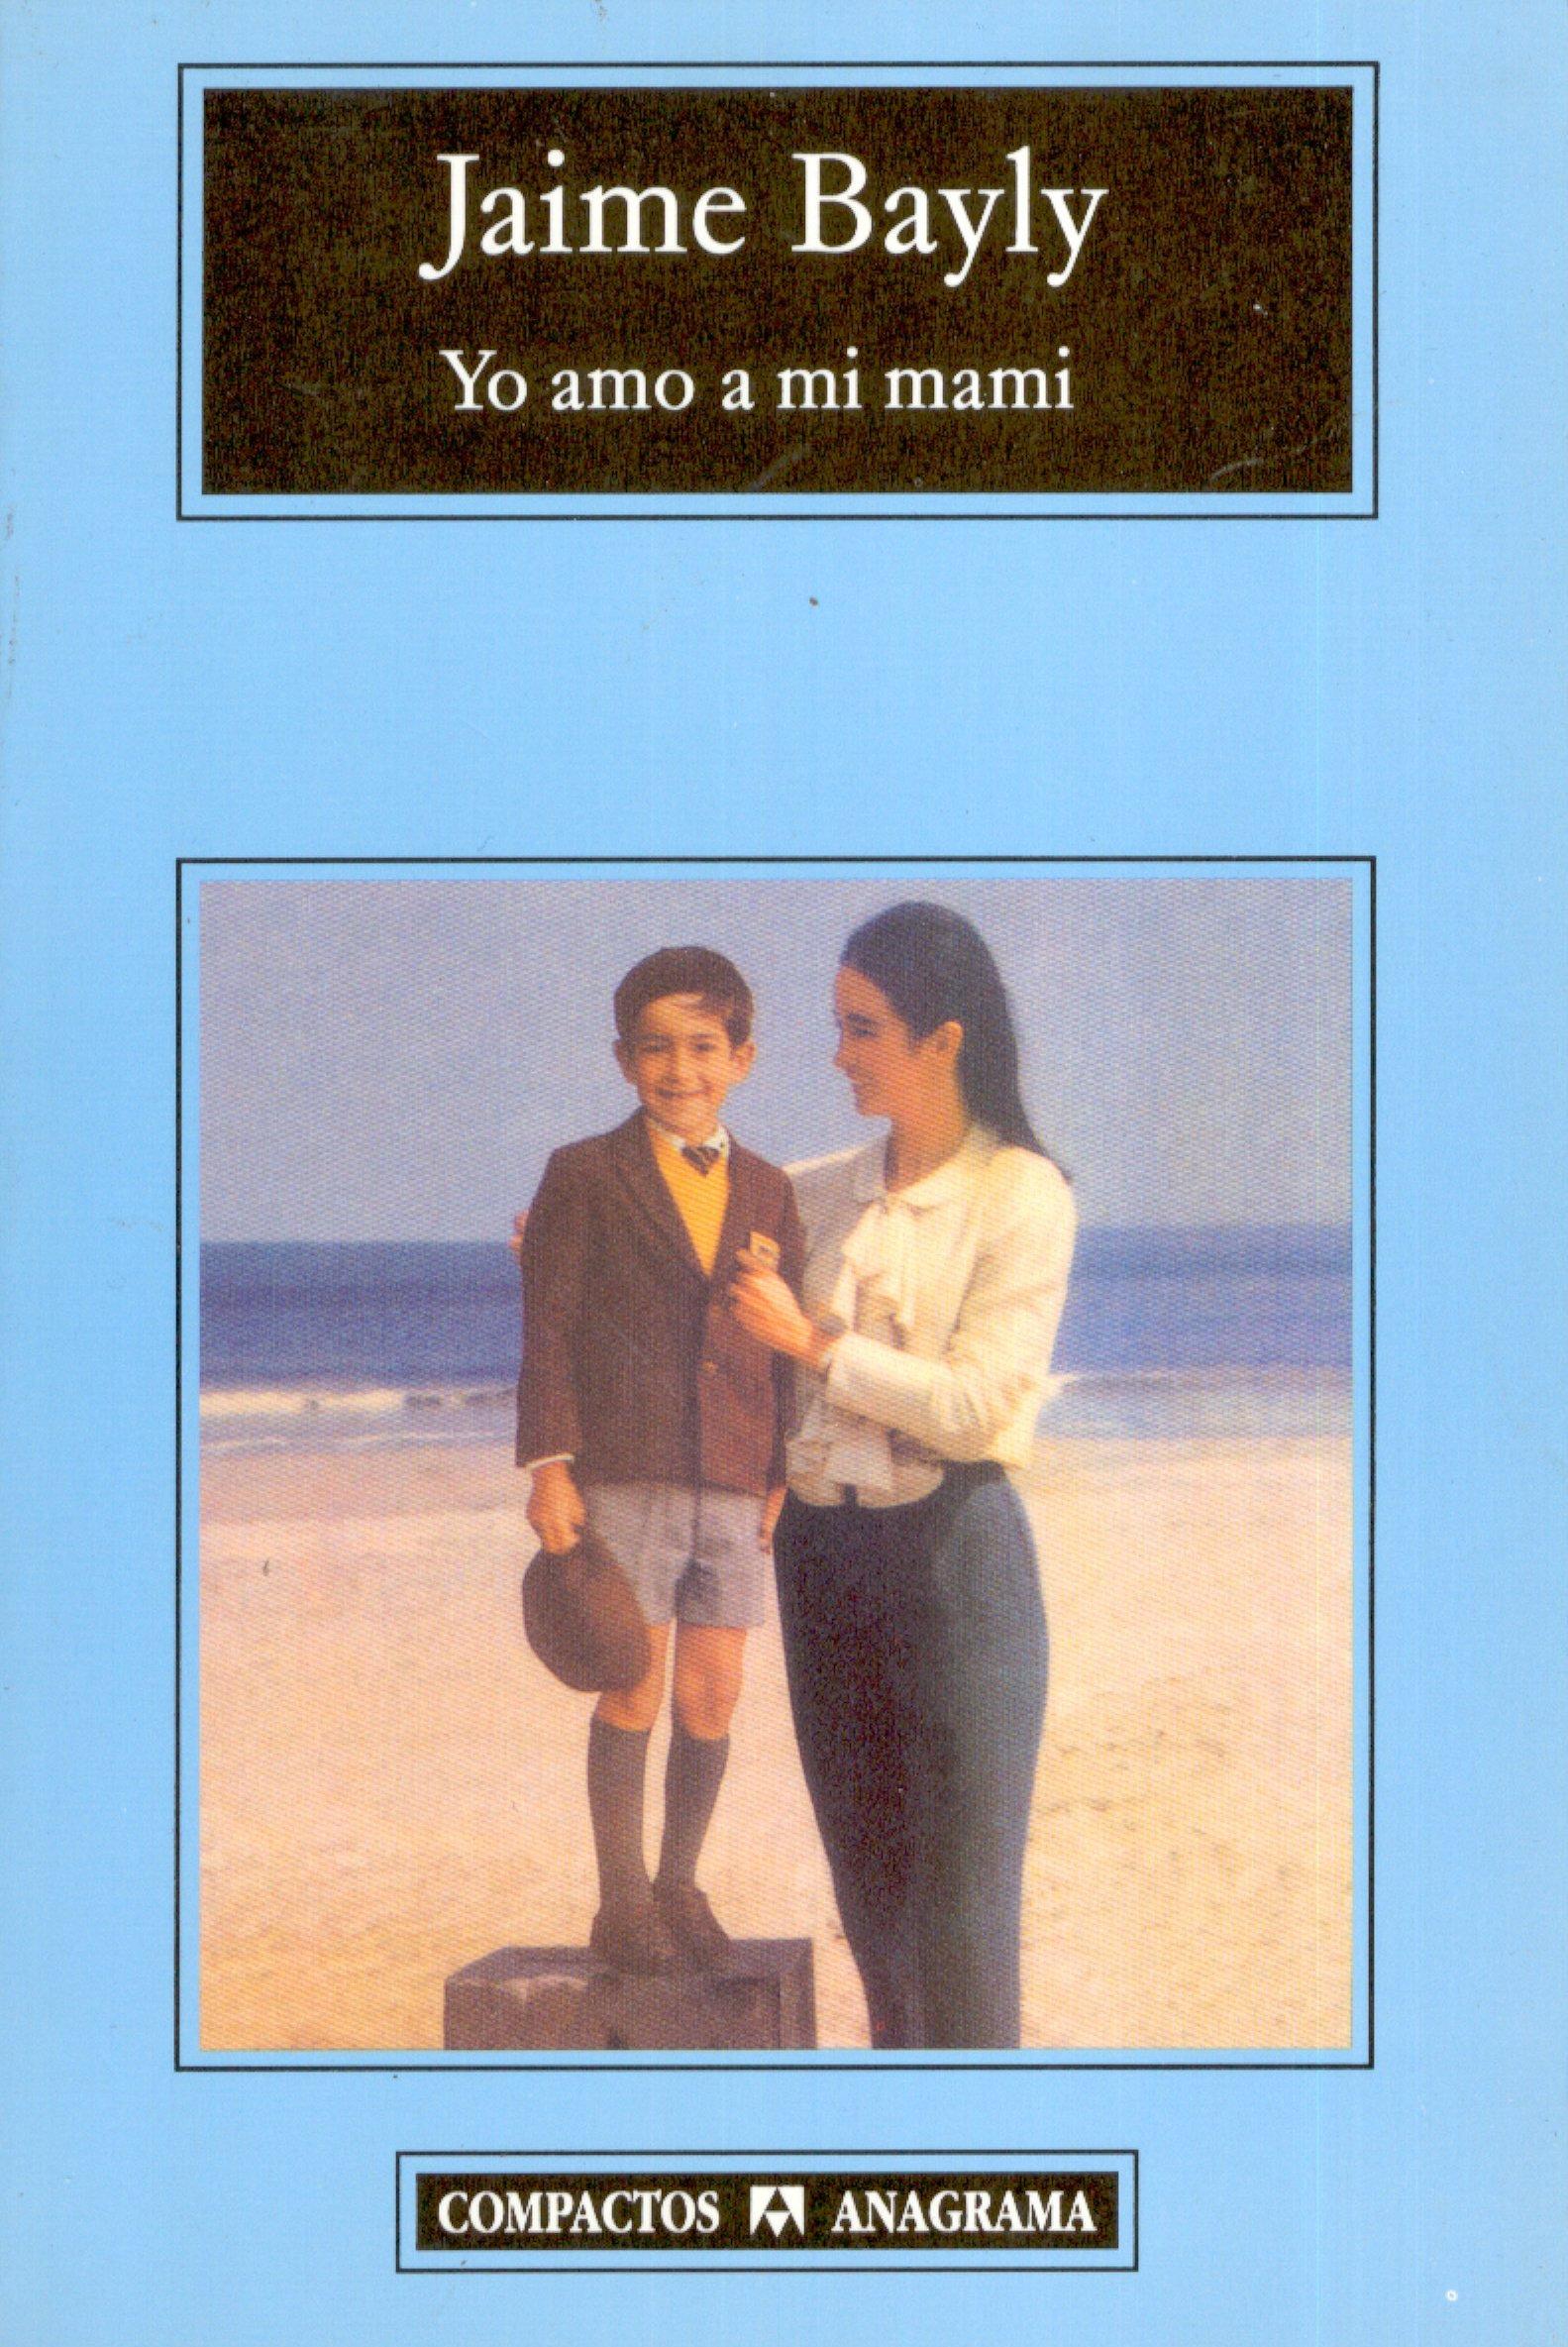 Jaime Bayly Wife – Como escritor ha publicado nueve novelas y un libro de poesía en españa y américa latina.